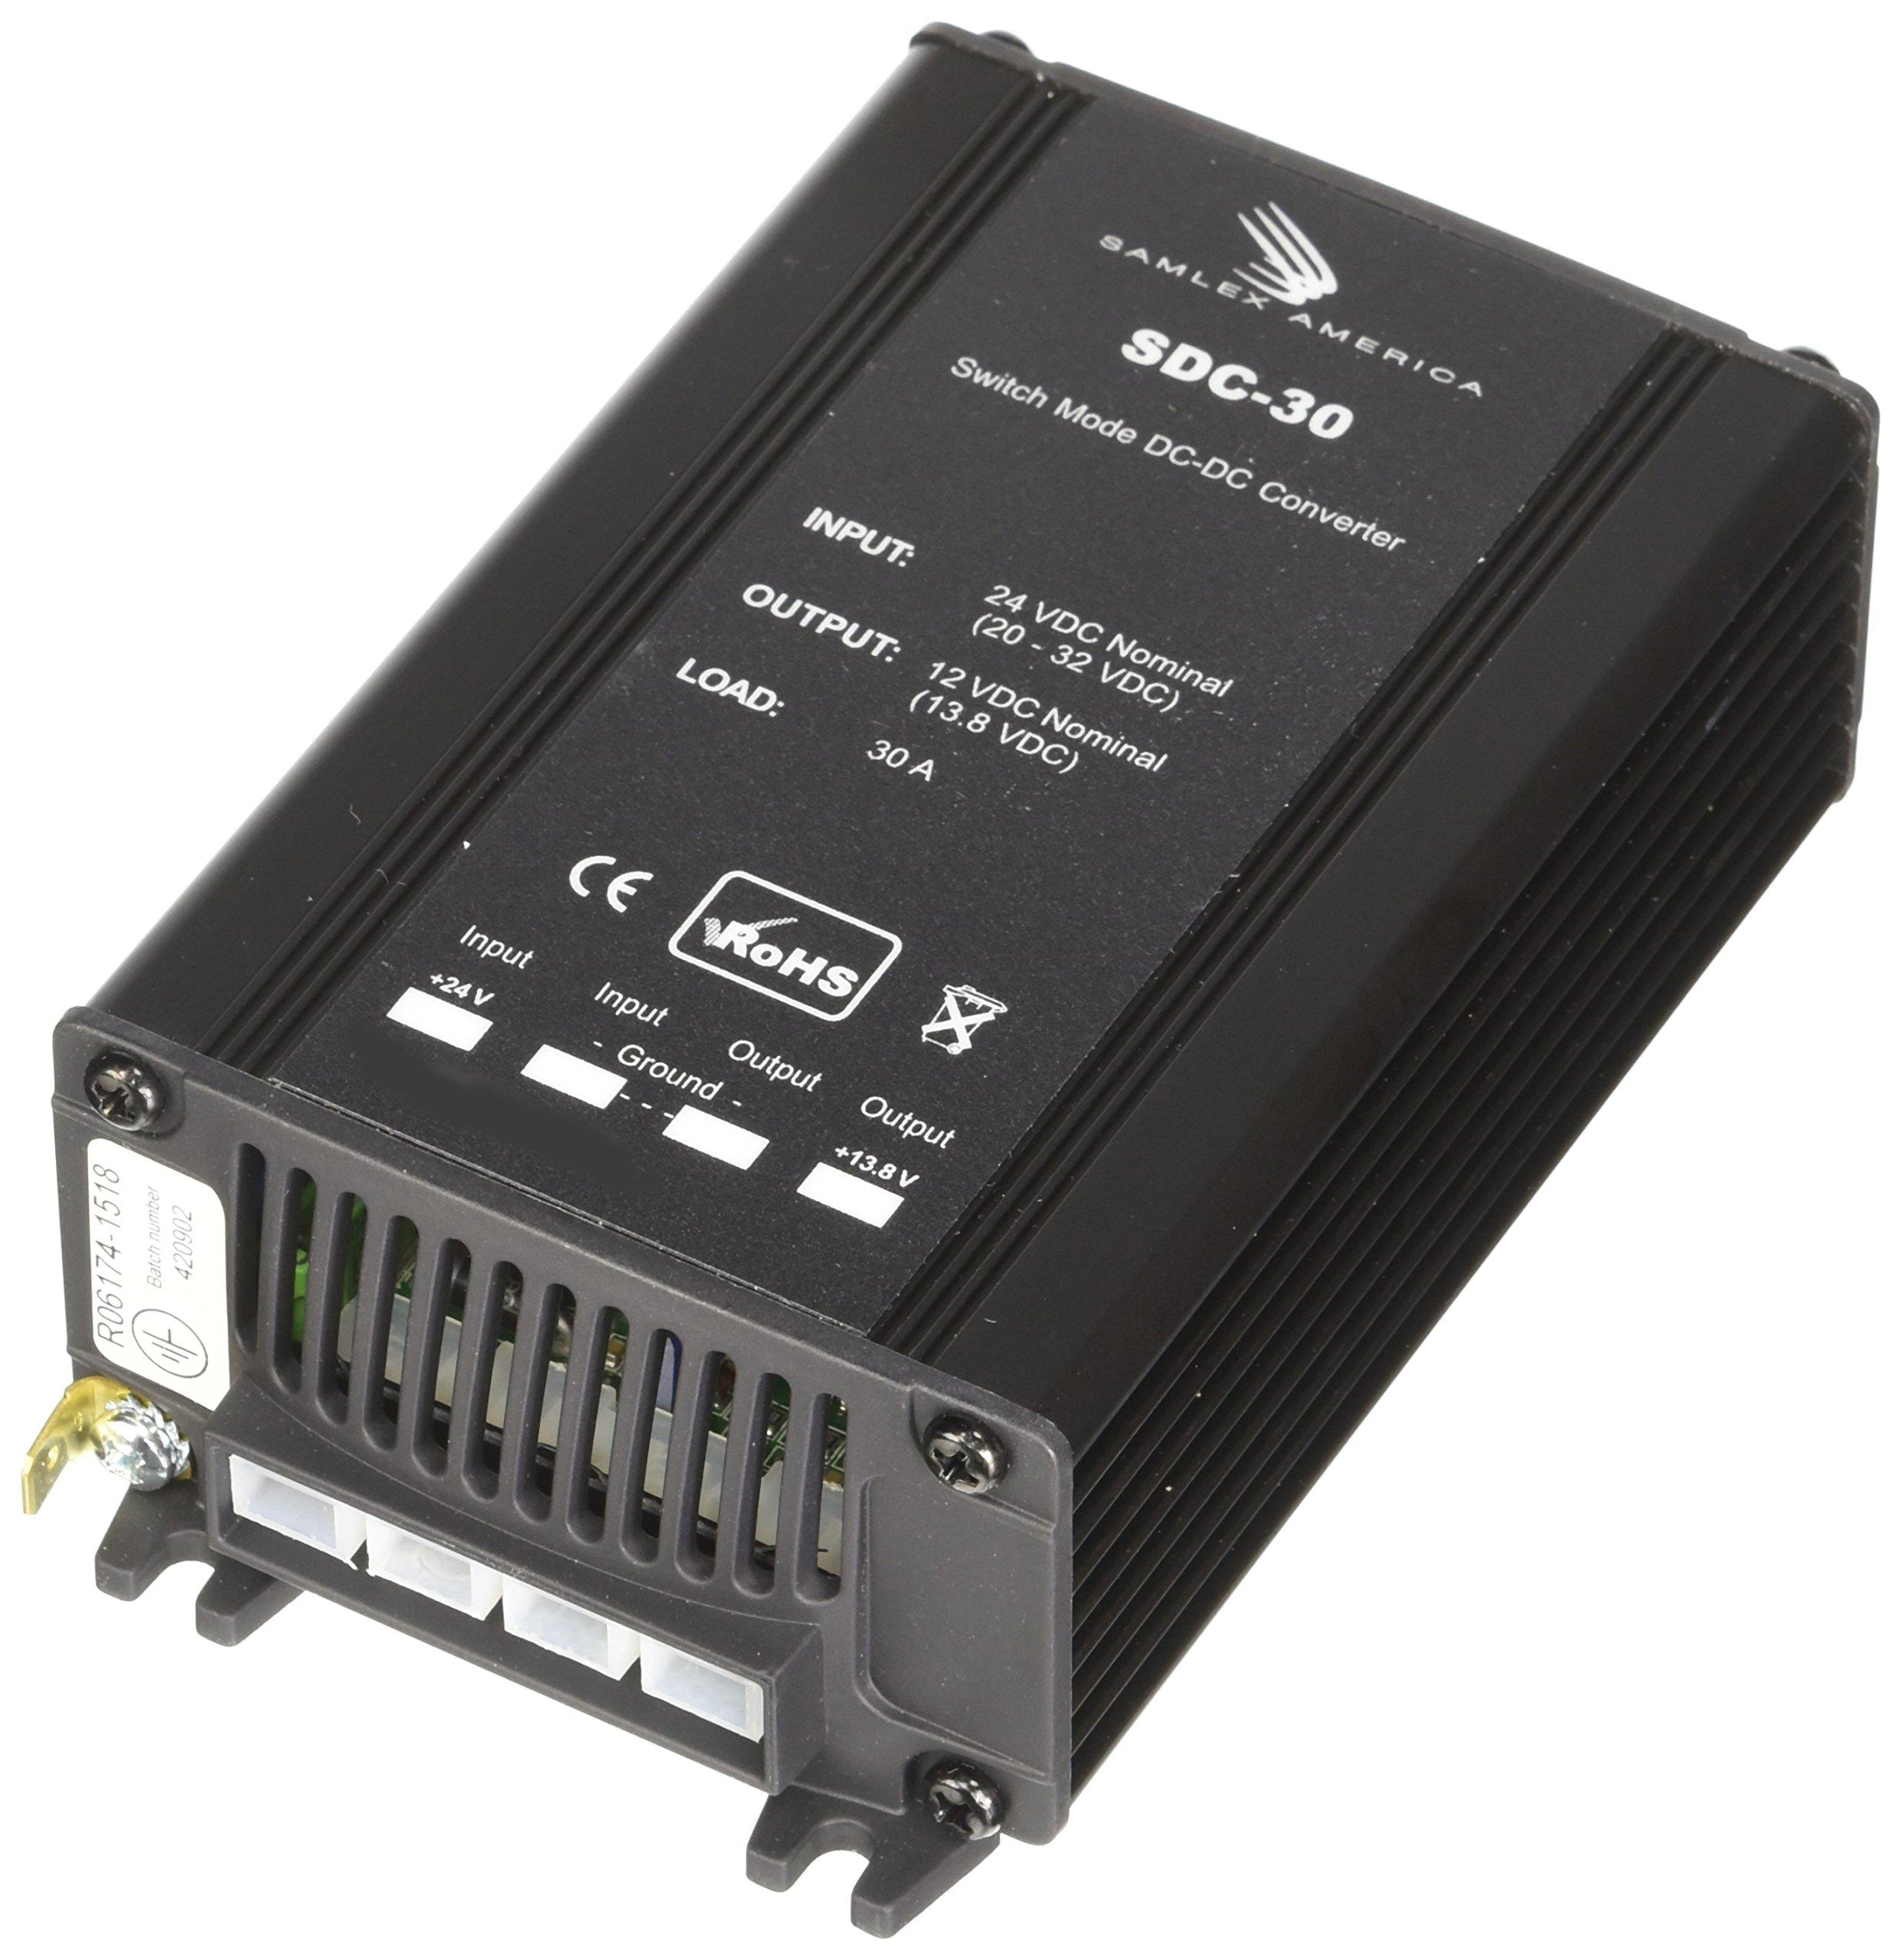 Samlex America (SDC30) 30 Amp DC Converter by Samlex America